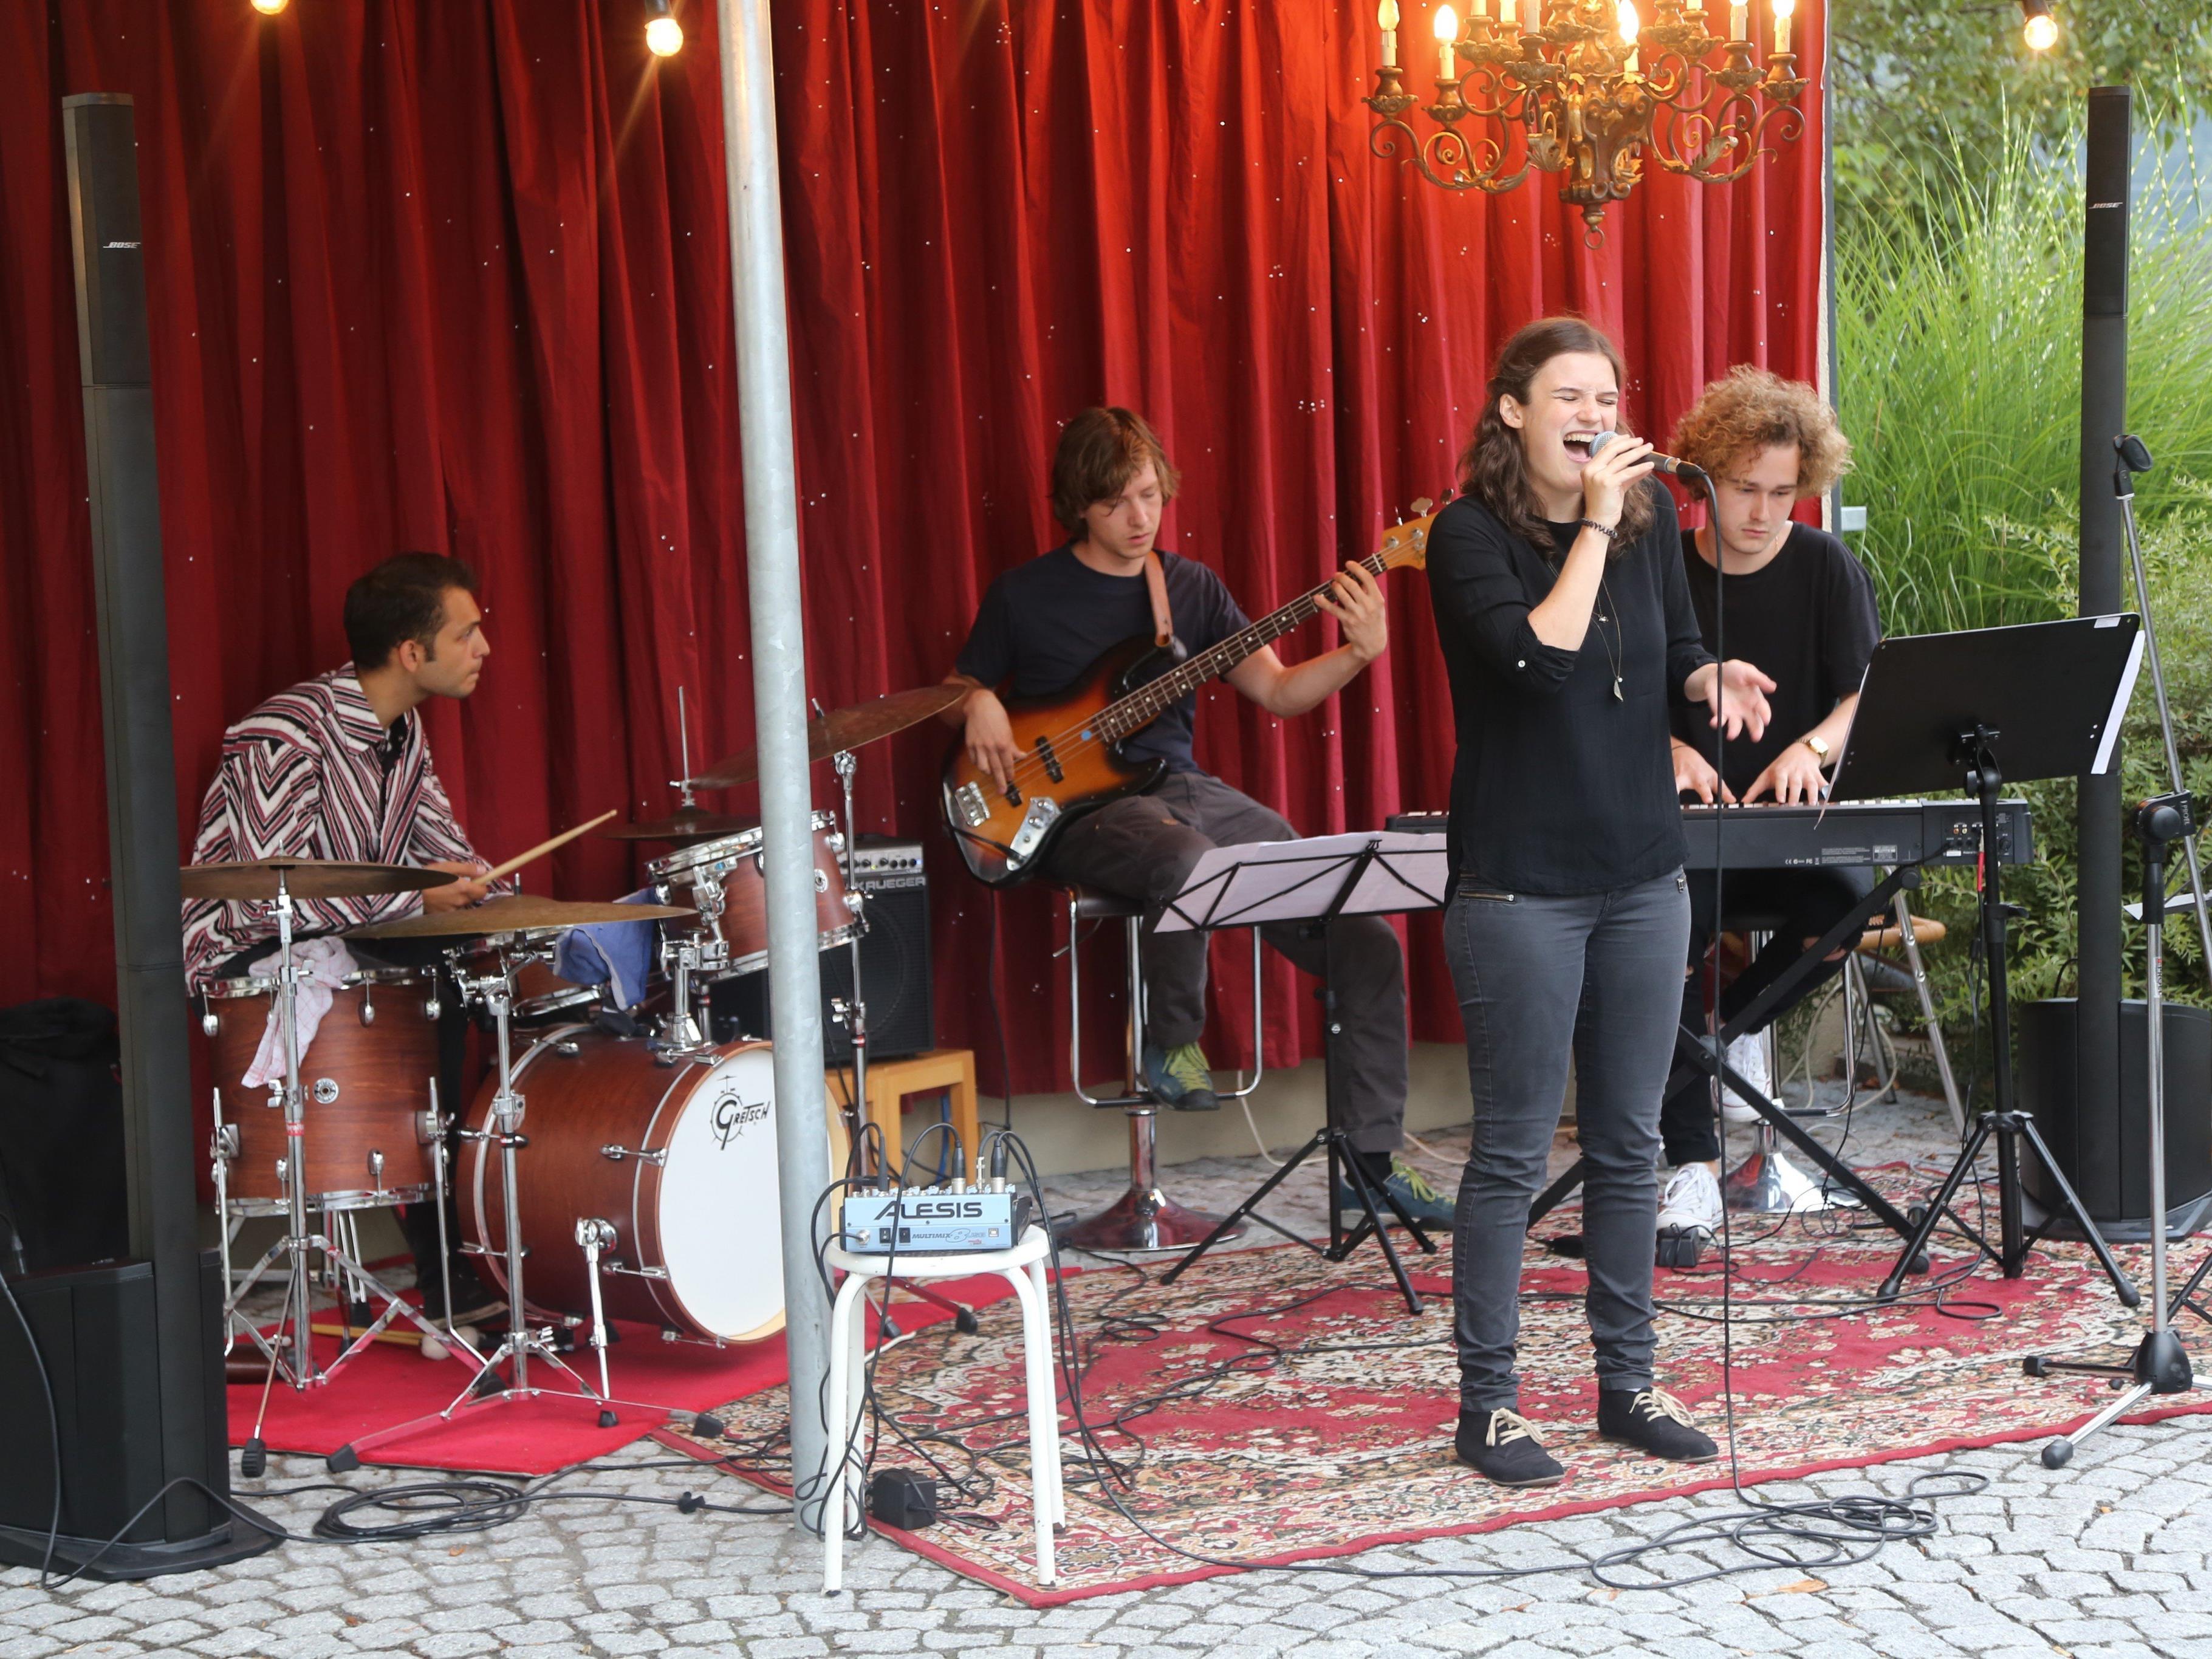 """Die vierköpfige Band """"La Risa"""" aus Vorarlberg sorgte für beste Jazz- und Popmusik am Bugo-Platz."""